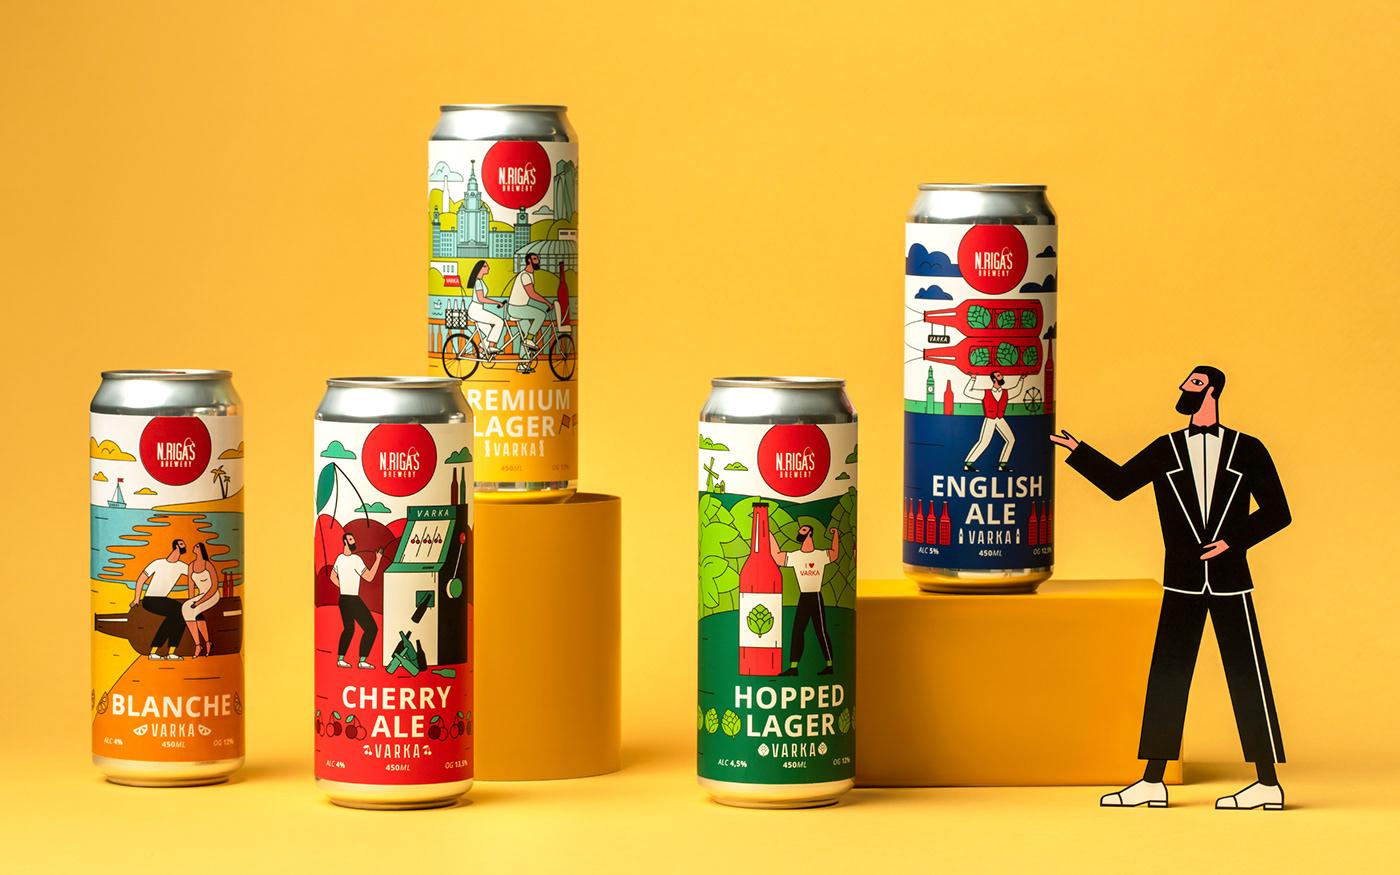 beer craft beer beer design ILLUSTRATION  flat Character design  Label can